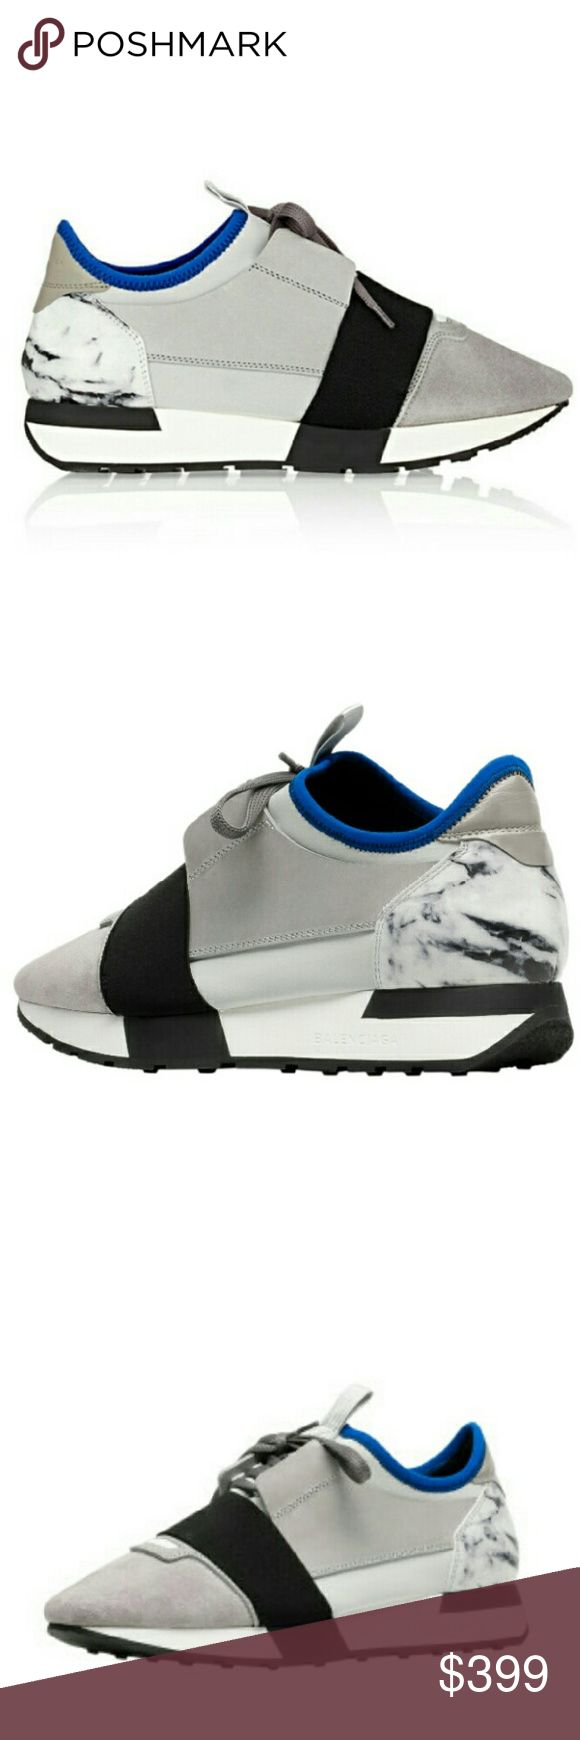 SALE!!! Balenciaga race runner marble sneaker Balenciaga race runner sneaker in marble. New, with tag. Blue/gray/cream/black. Authenticity guaranteed or money back. No pp, no trades Balenciaga Shoes Sneakers